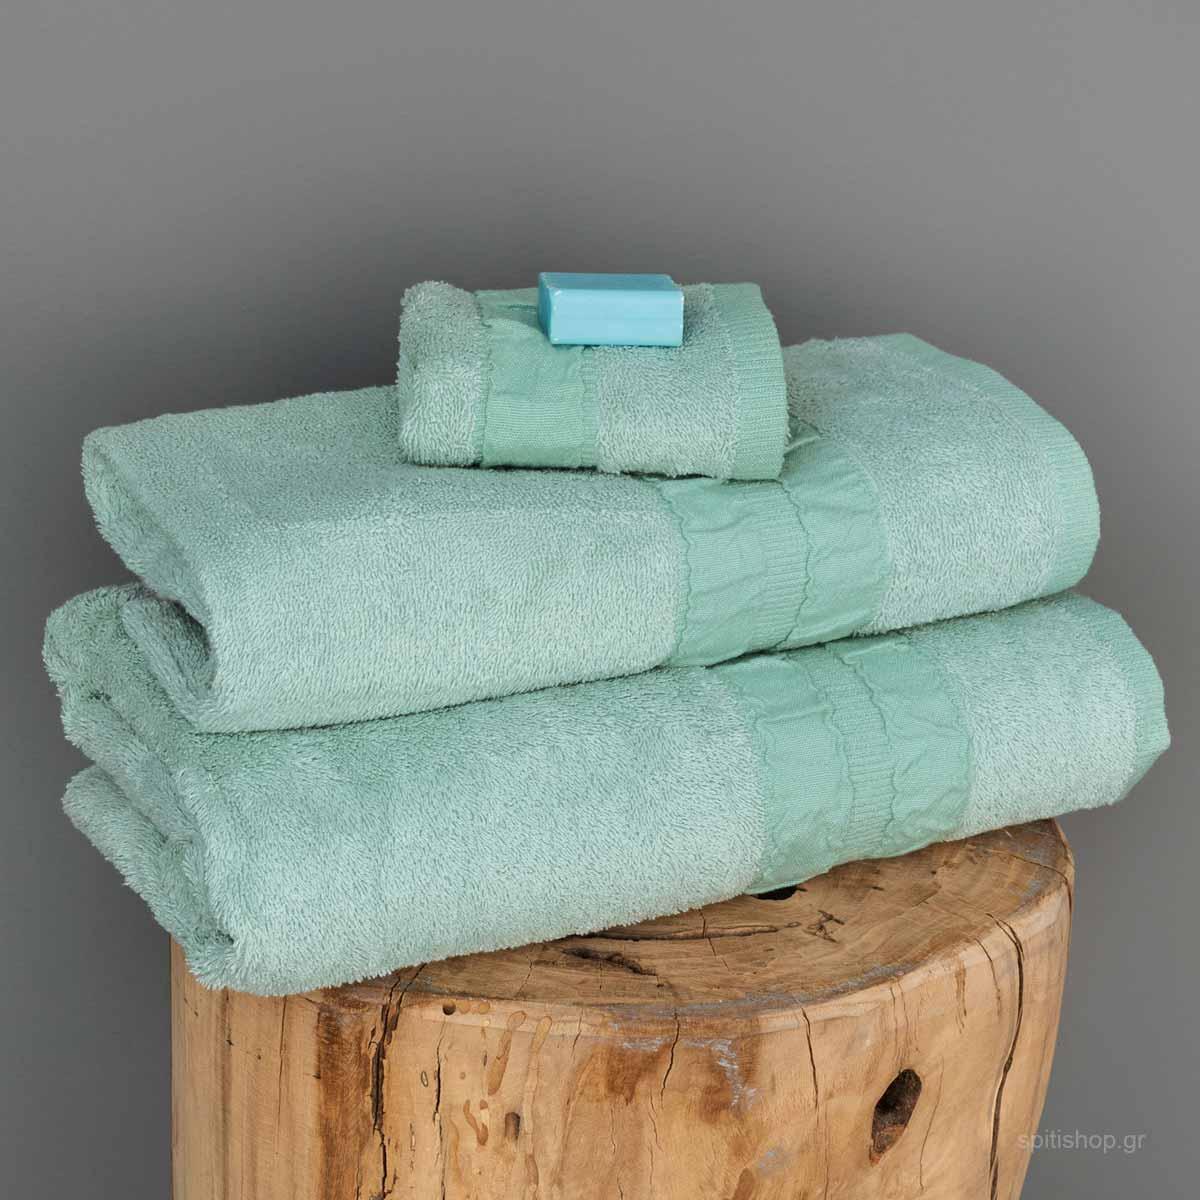 Πετσέτες Μπάνιου (Σετ 3τμχ) Palamaiki Towels Cactus Spray